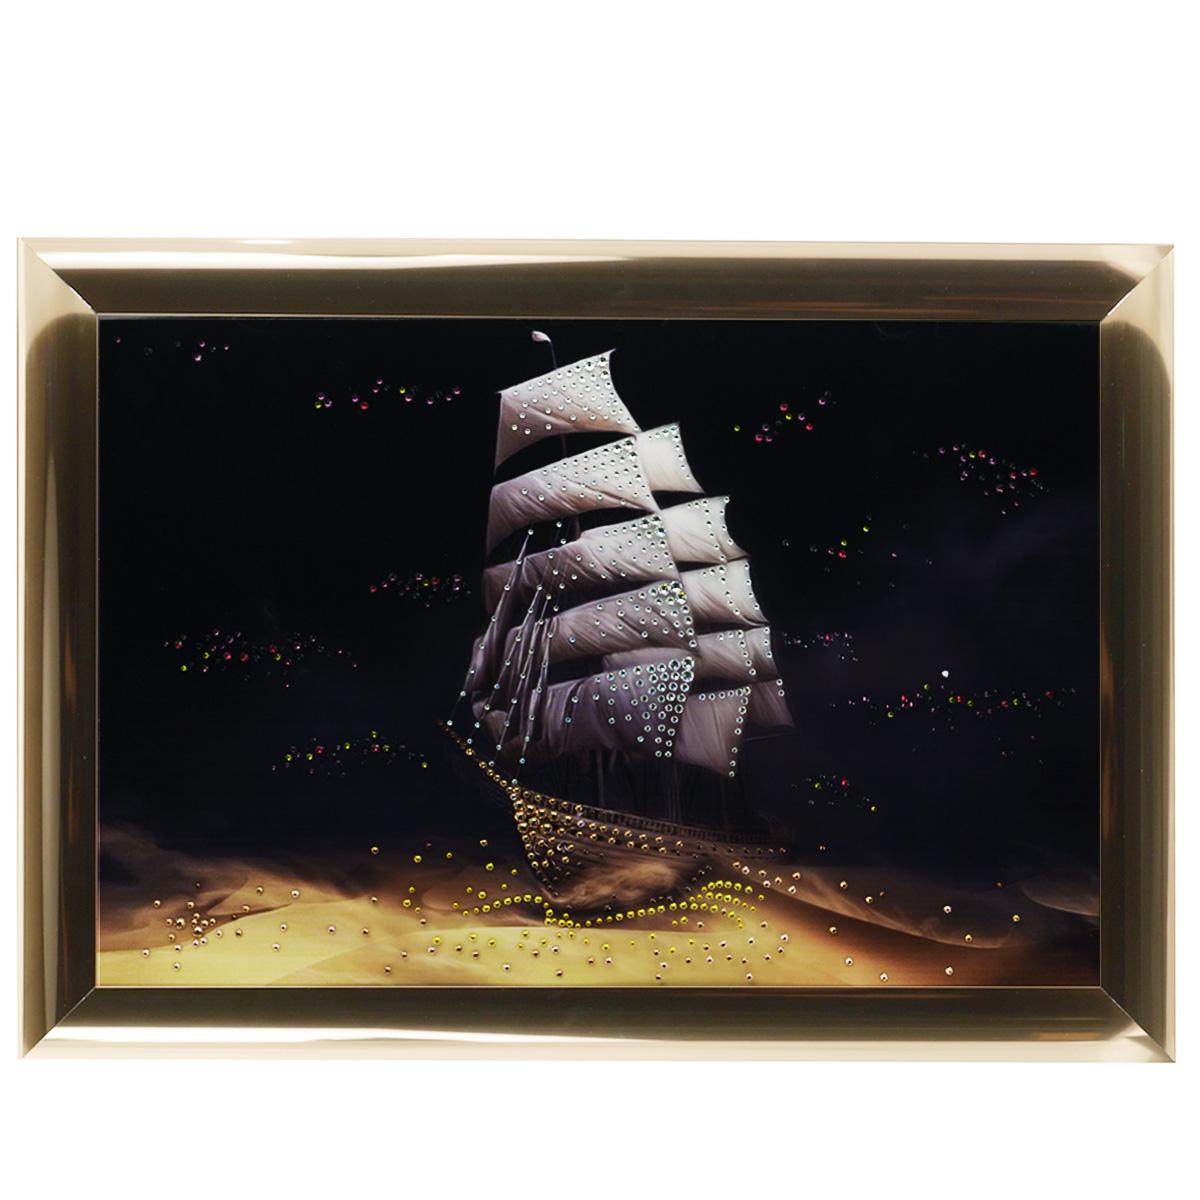 Картина с кристаллами Swarovski Корабль пустыни, 67 х 47 см1180Изящная картина в багетной раме, инкрустирована кристаллами Swarovski, которые отличаются четкой и ровной огранкой, ярким блеском и чистотой цвета. Красочное изображение корабля в пустыни, расположенное на внутренней стороне стекла, прекрасно дополняет блеск кристаллов. С обратной стороны имеется металлическая проволока для размещения картины на стене. Картина с кристаллами Swarovski Корабль пустыни элегантно украсит интерьер дома или офиса, а также станет прекрасным подарком, который обязательно понравится получателю. Блеск кристаллов в интерьере, что может быть сказочнее и удивительнее. Картина упакована в подарочную картонную коробку синего цвета и комплектуется сертификатом соответствия Swarovski.